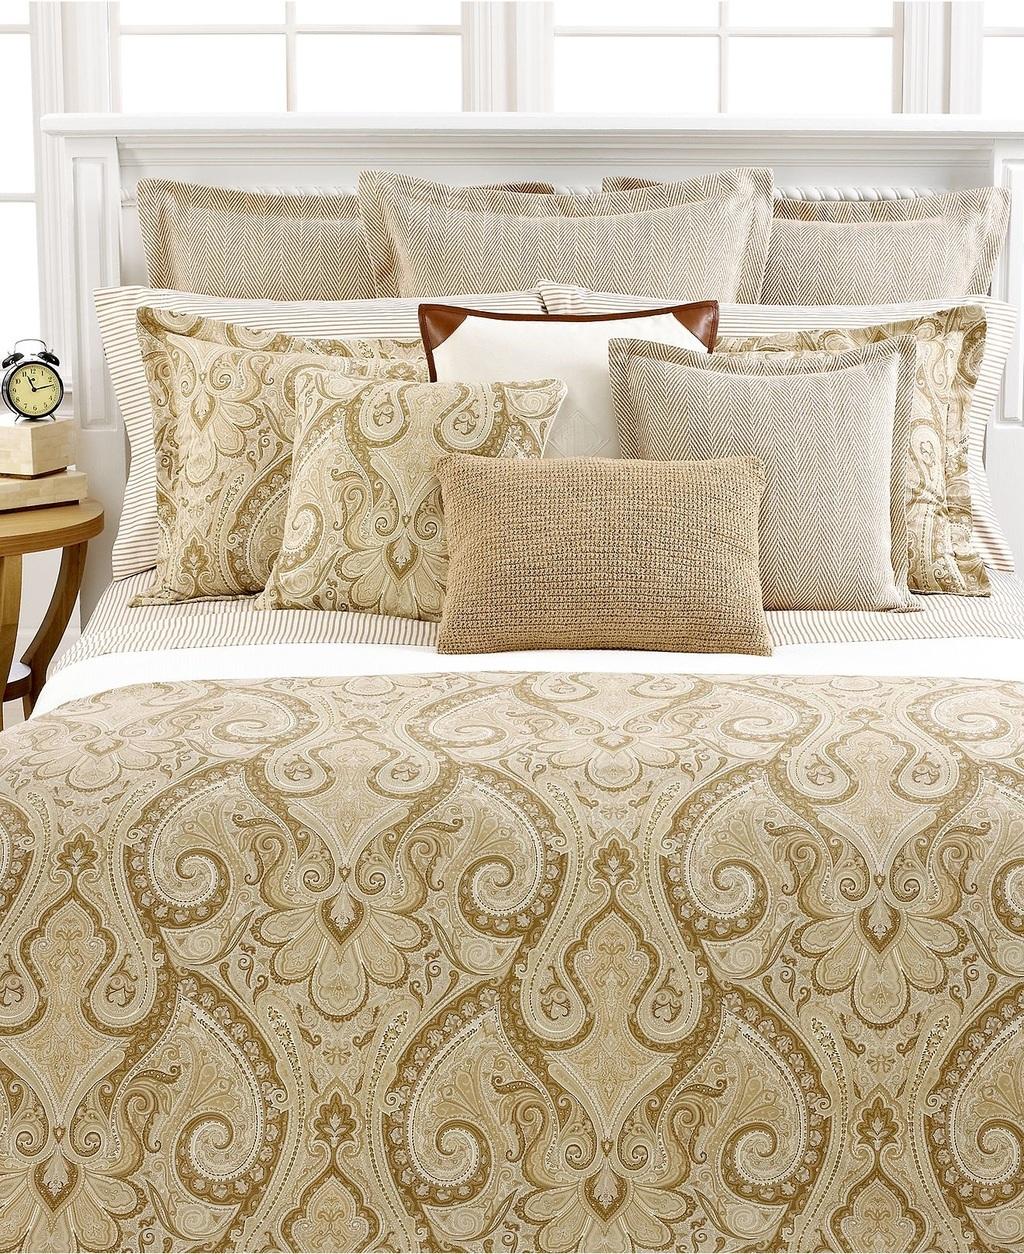 Ralph lauren desert spa queen comforter ebay for Ralph lauren bathroom